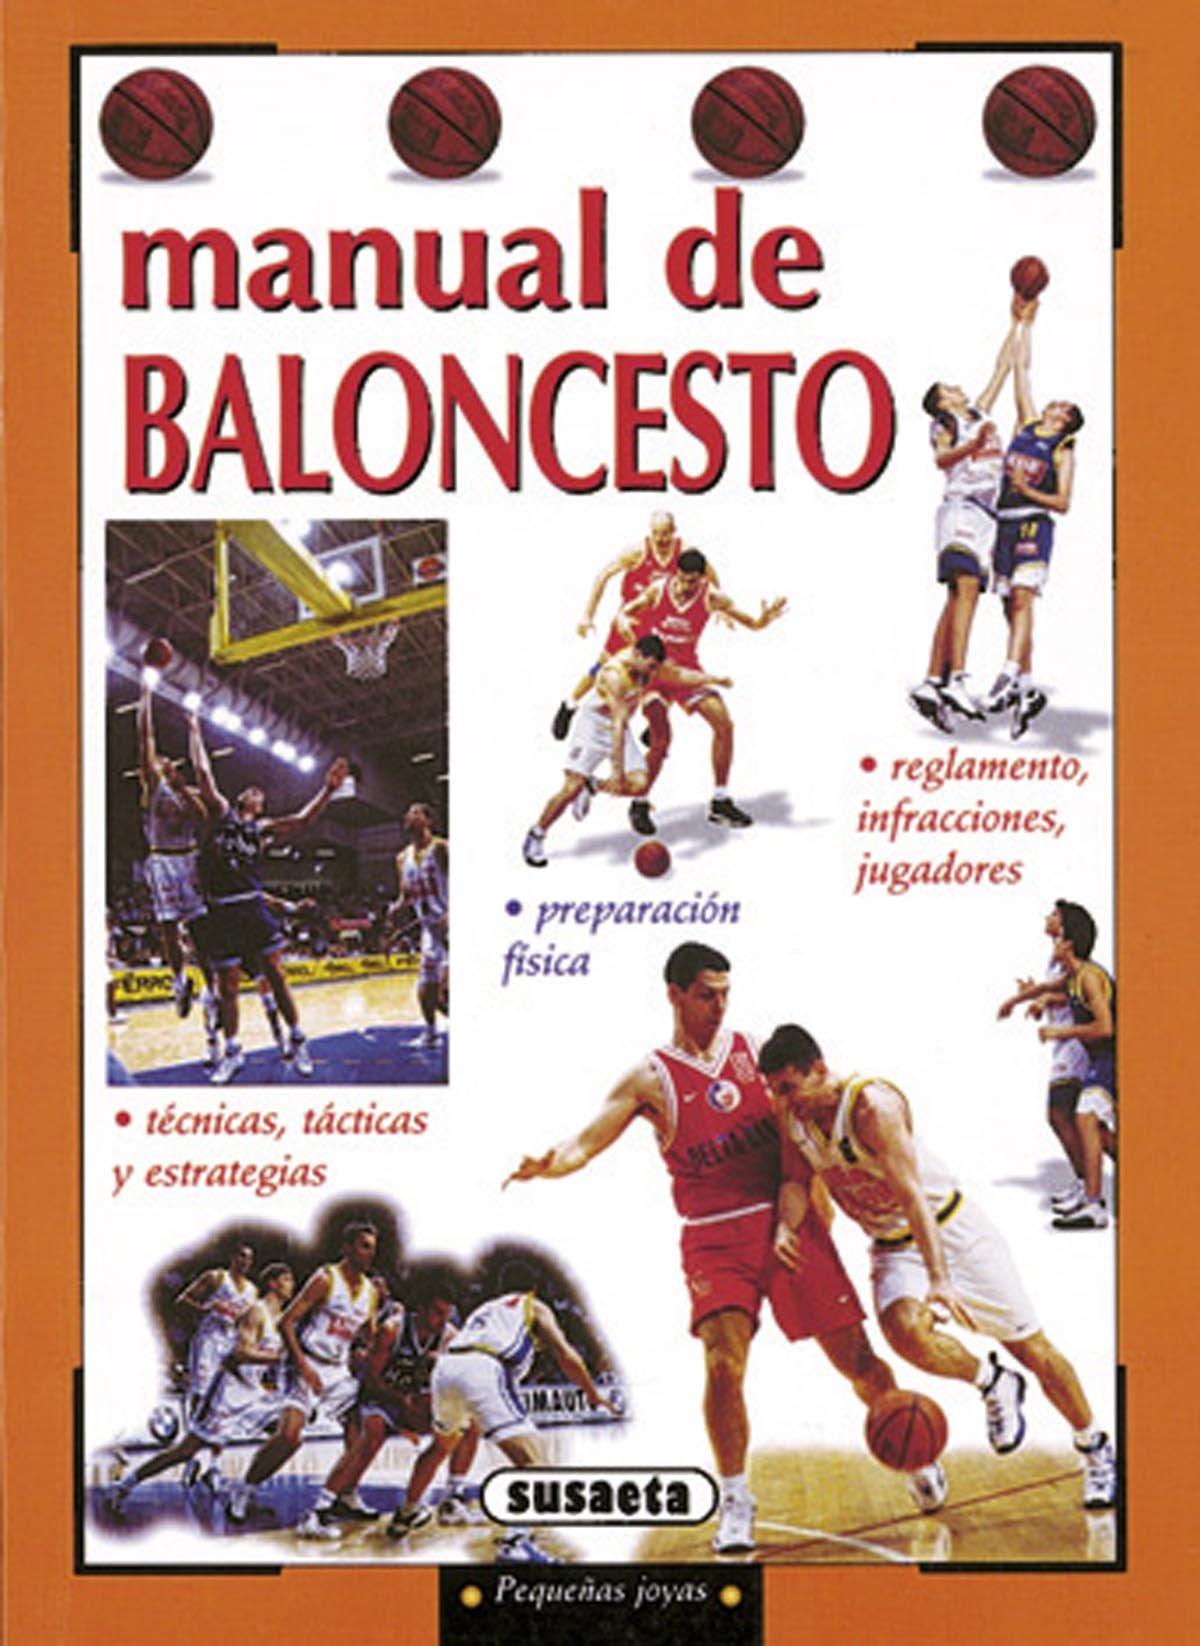 Manual De Baloncesto (Pequeñas Joyas): Amazon.es: Stefano Alfonsi: Libros